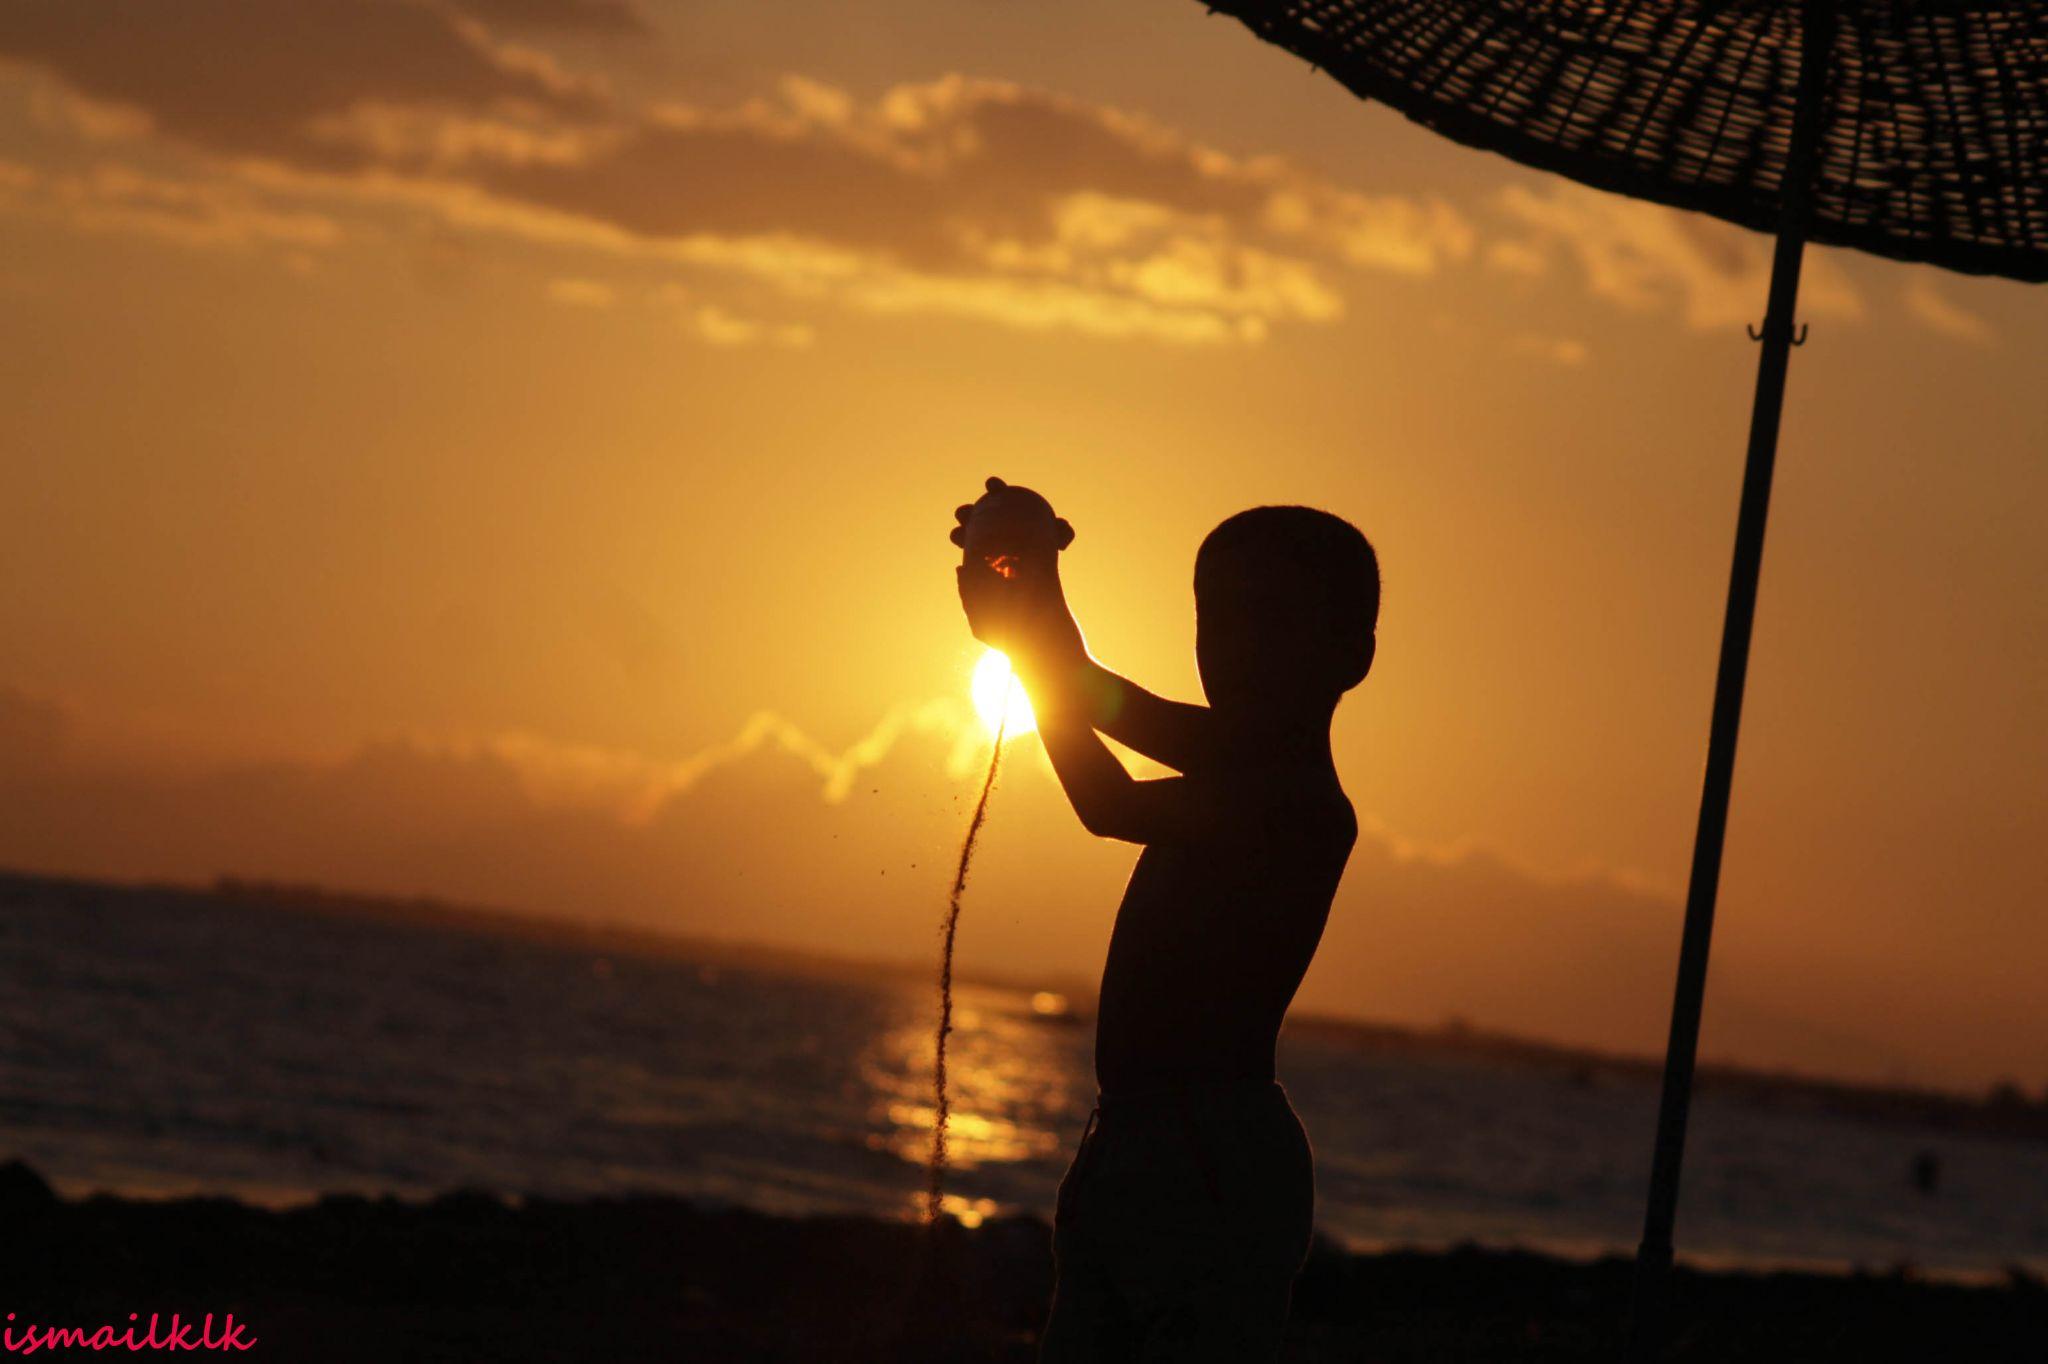 Sunset by kilikismail